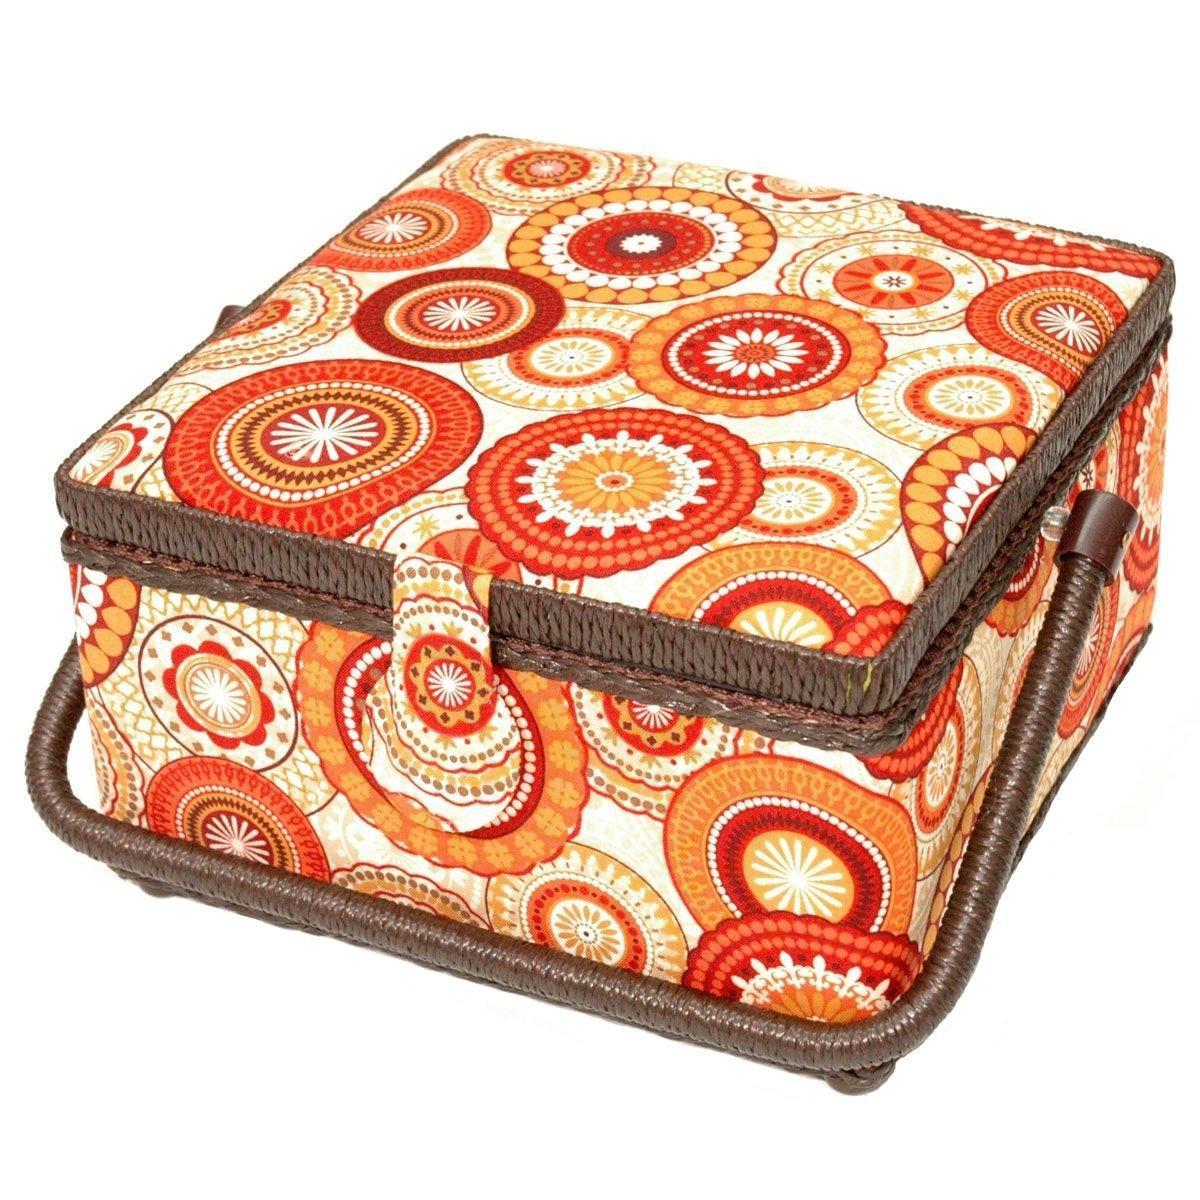 Шкатулка для рукоделия Prym Драгоценность, цвет: оранжевый, бежевый шкатулка для рукоделия bestex цветы 23 х 18 х 12 см